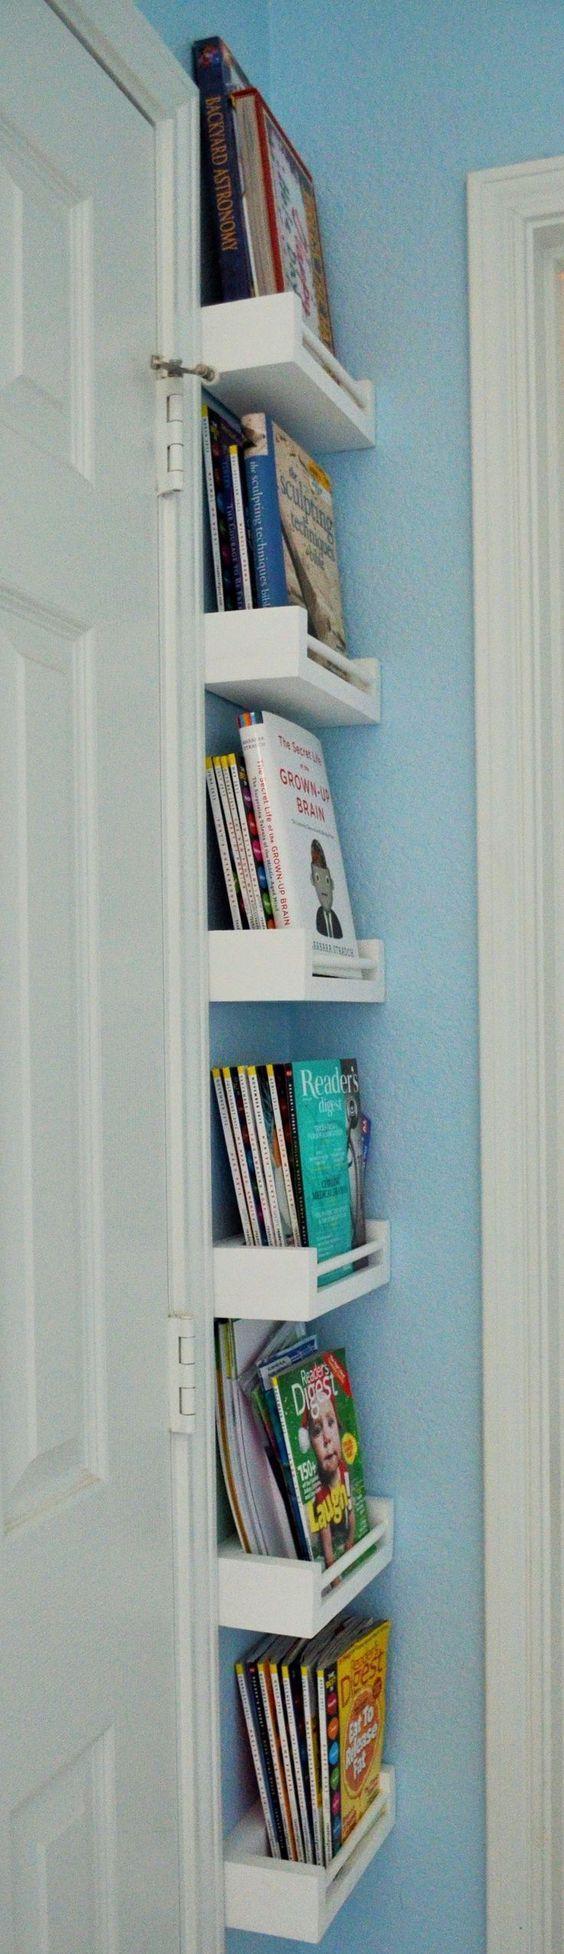 Small Corner Bookshelves Kids Room Decor Inspiration